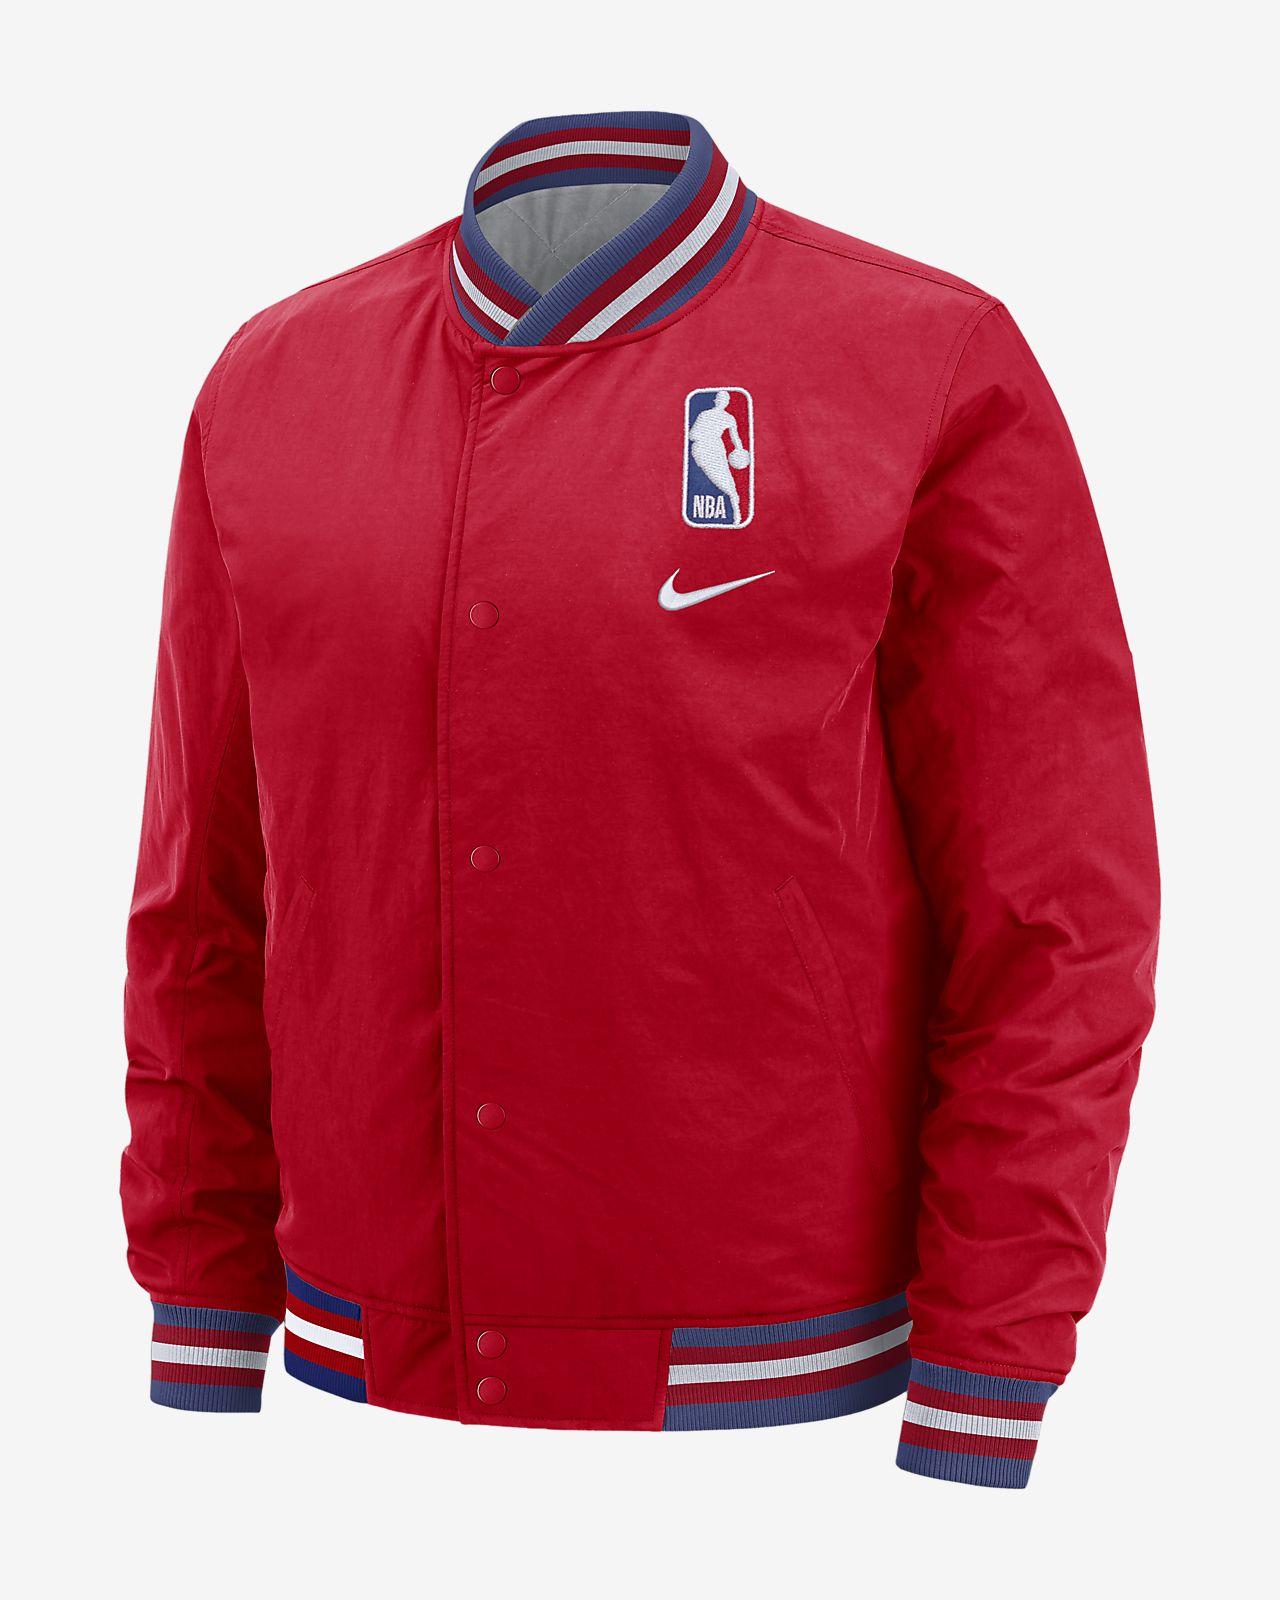 Nike NBA Erkek Ceketi